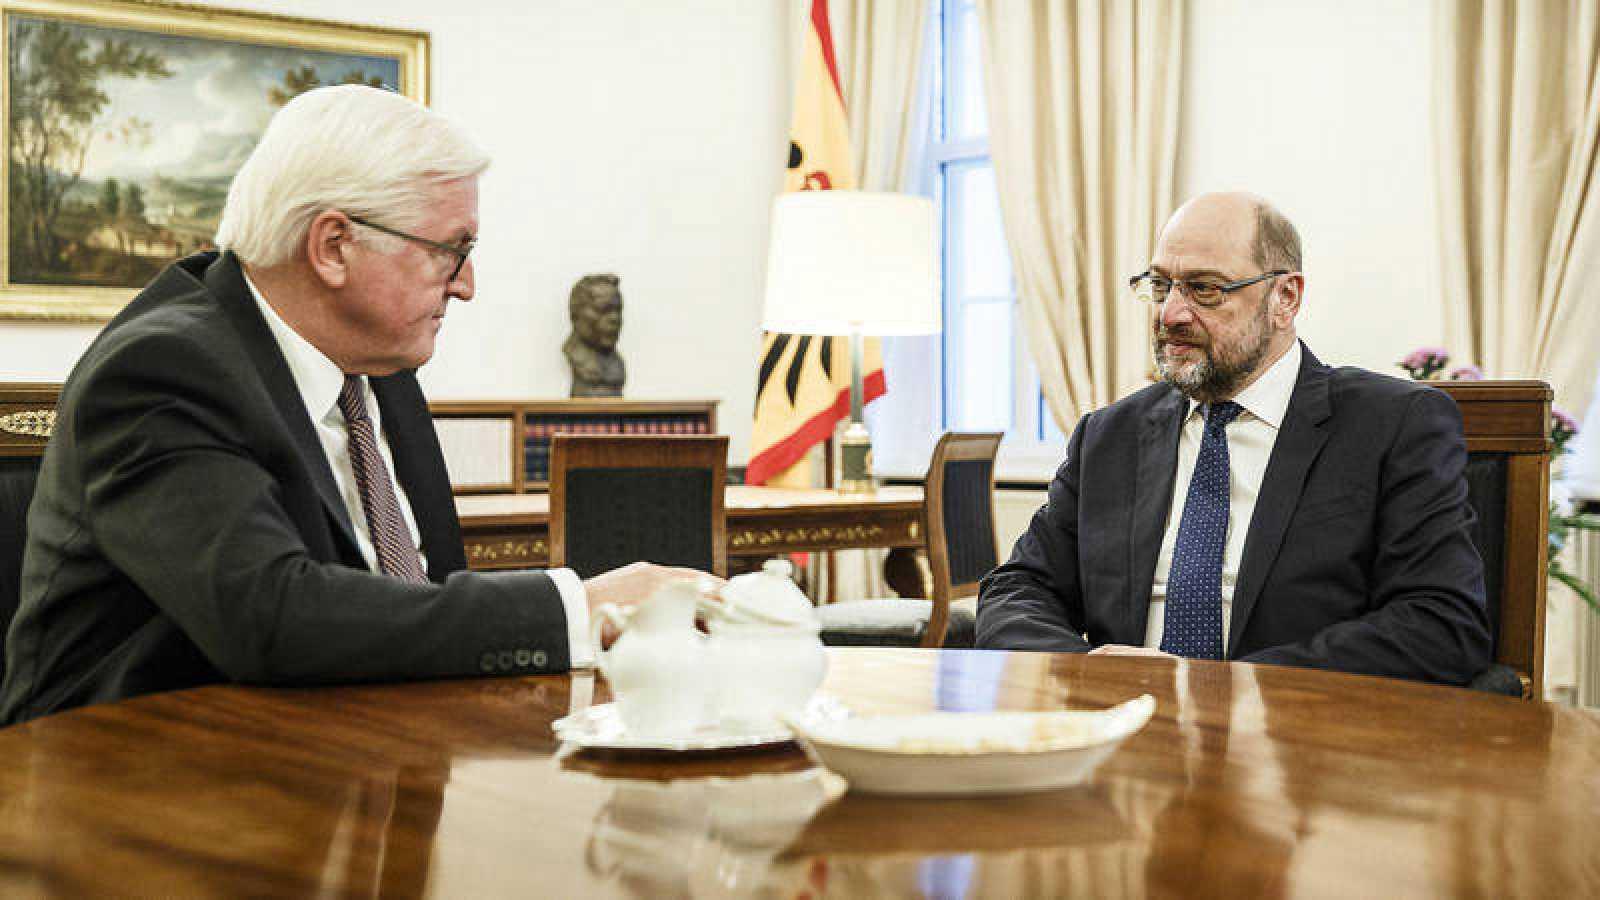 El líder del Partido Socialdemócrata (SPD), Martin Schulz, durante su reunión con el presidente alemán, Frank-Walter Steinmeier